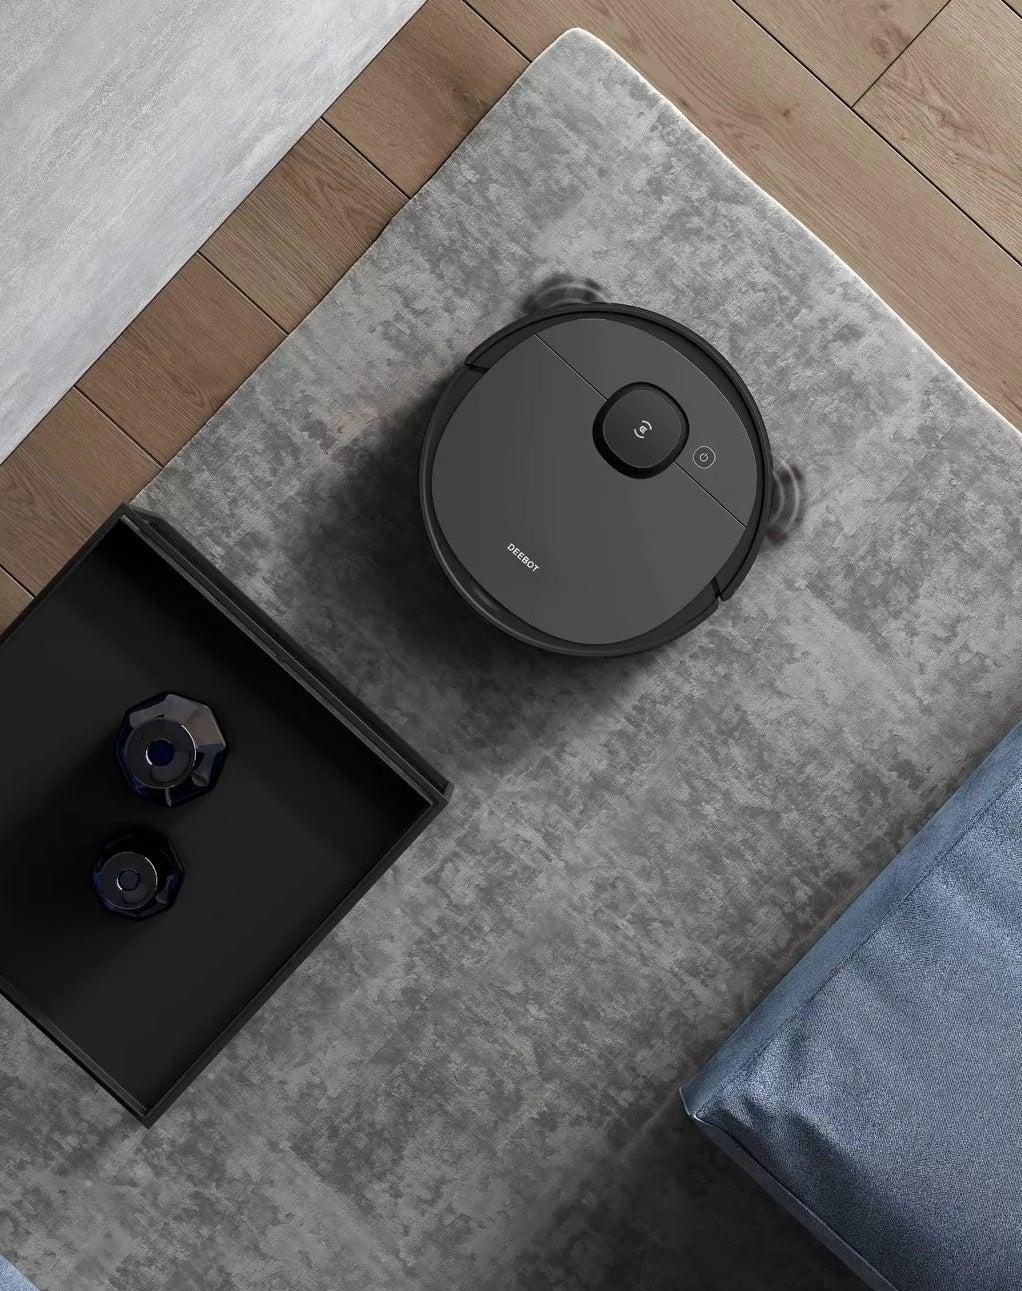 The Deebot robot vacuum